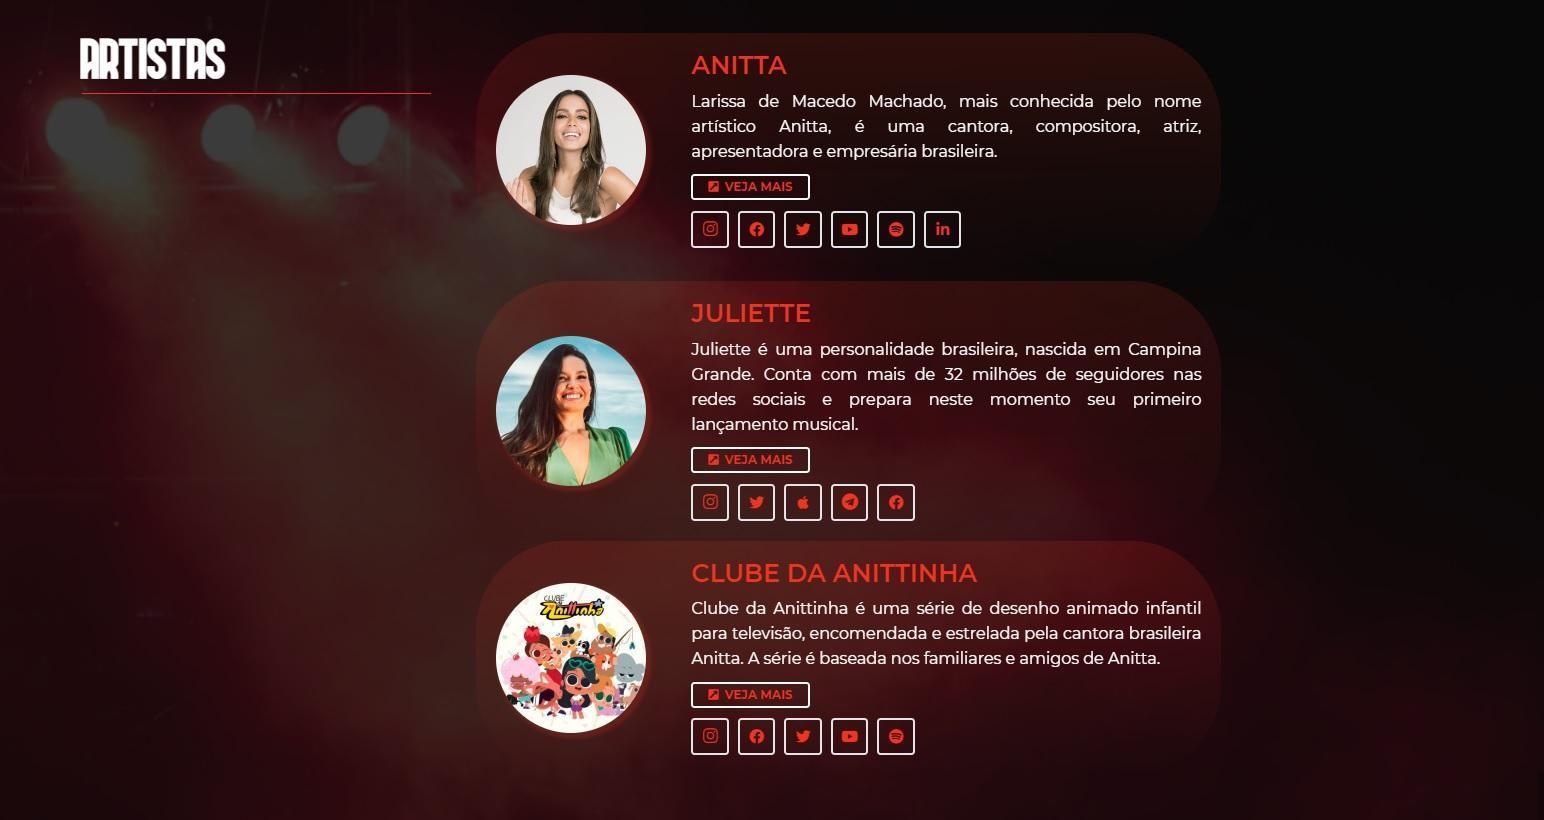 Juliette já aparece no casting da gravadora fundada por Anitta